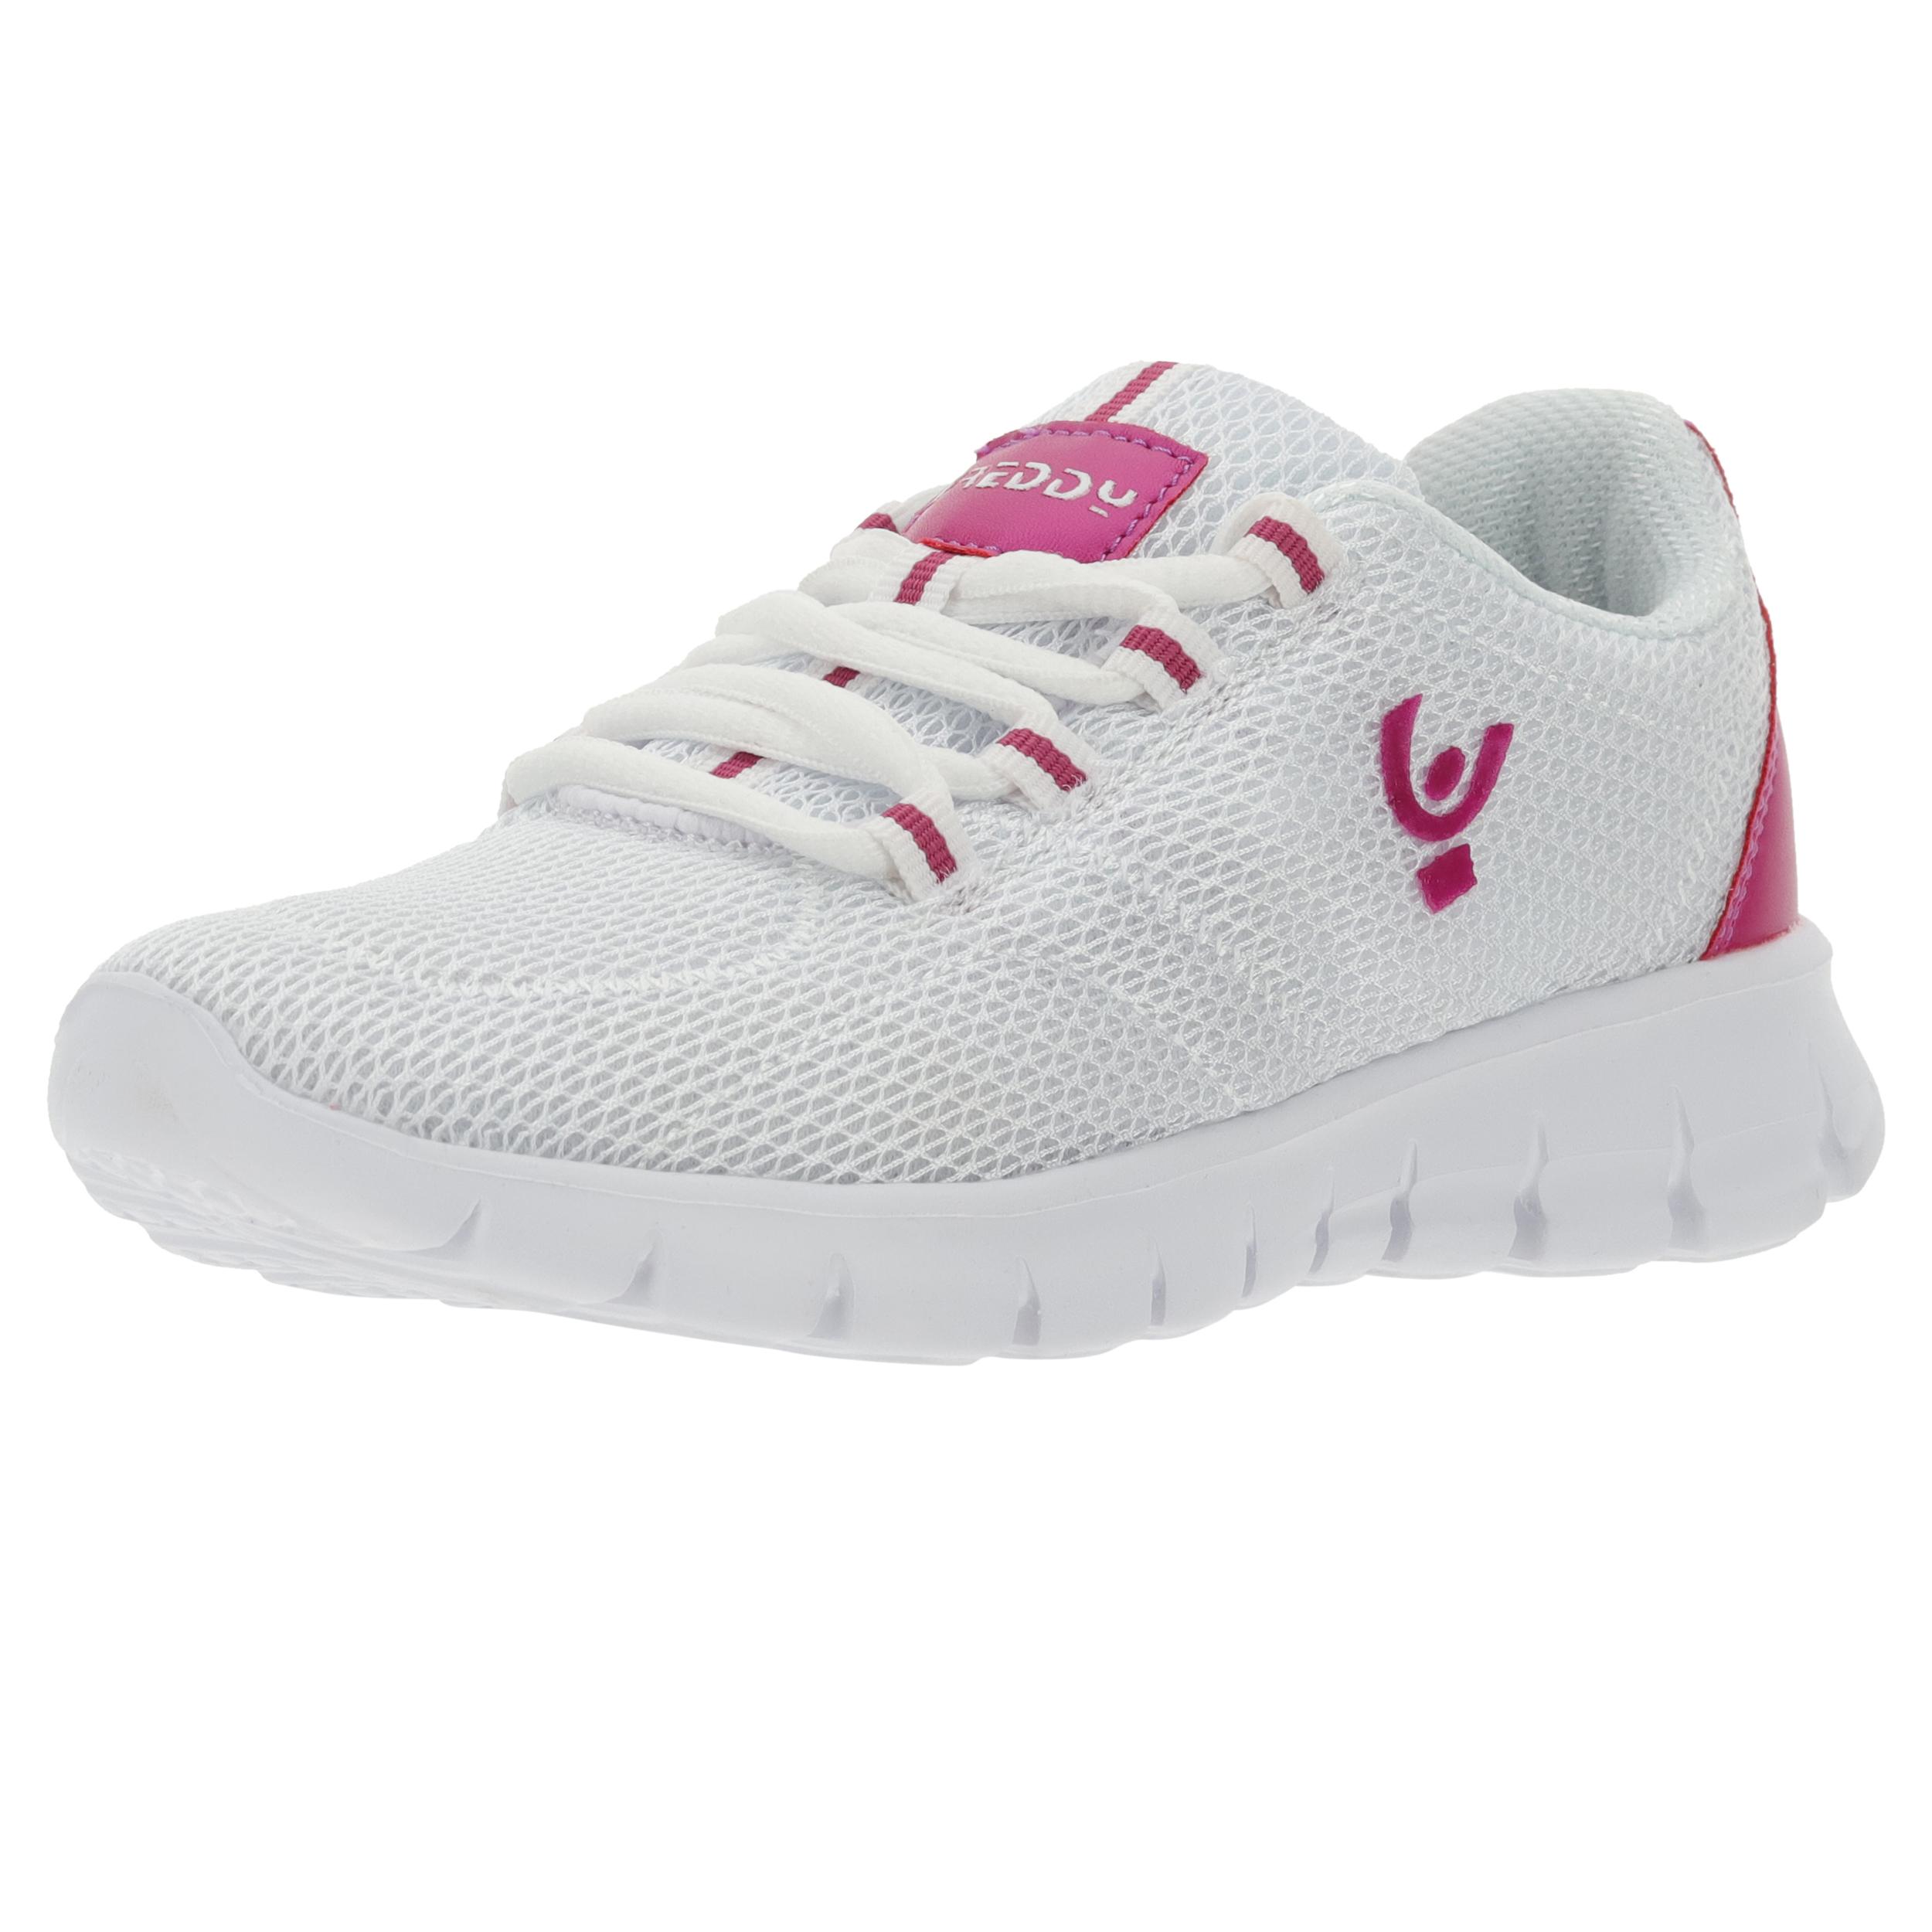 Sneakers ultraleggere mesh bianco e dettagli a contrasto